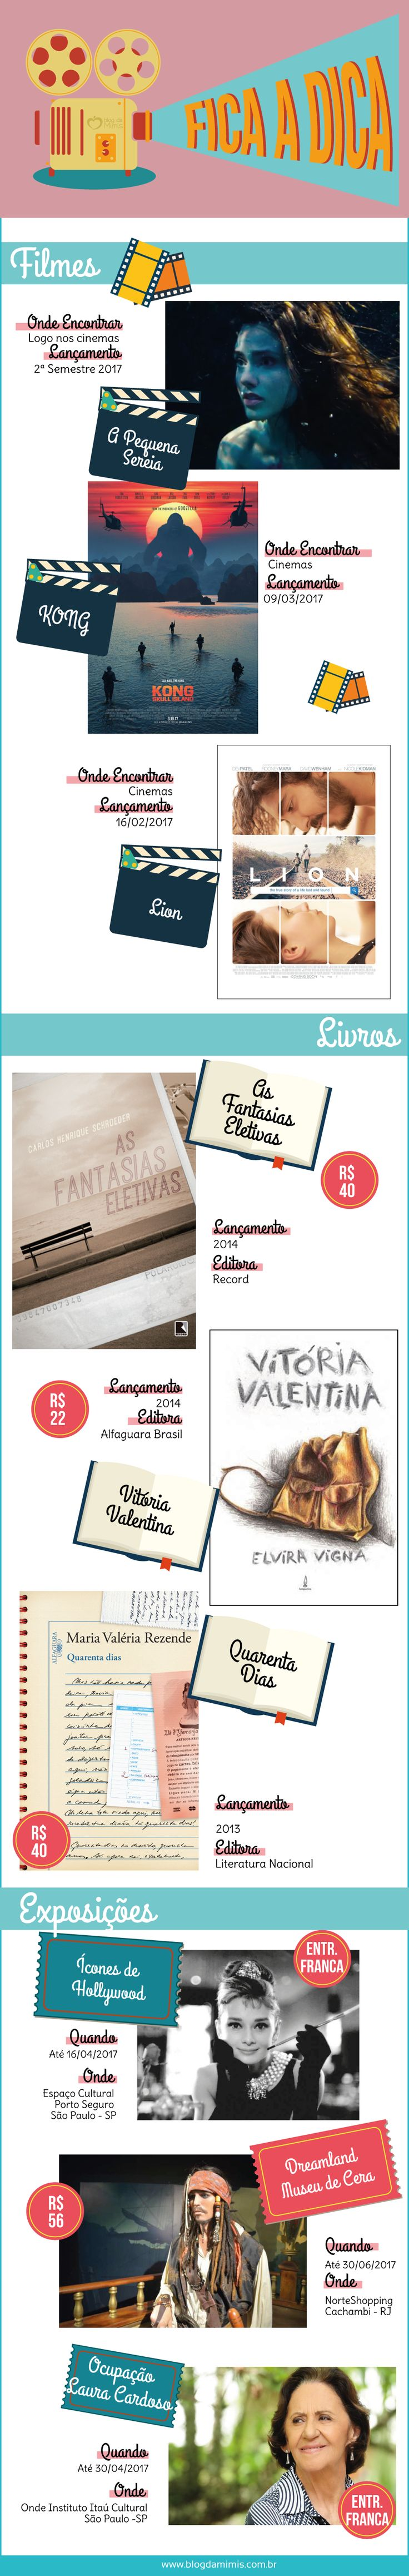 Fica a Dica: lançamentos de filmes, livros nacionais e exposições - Blog da Mimis #book #exposição #film #cinema